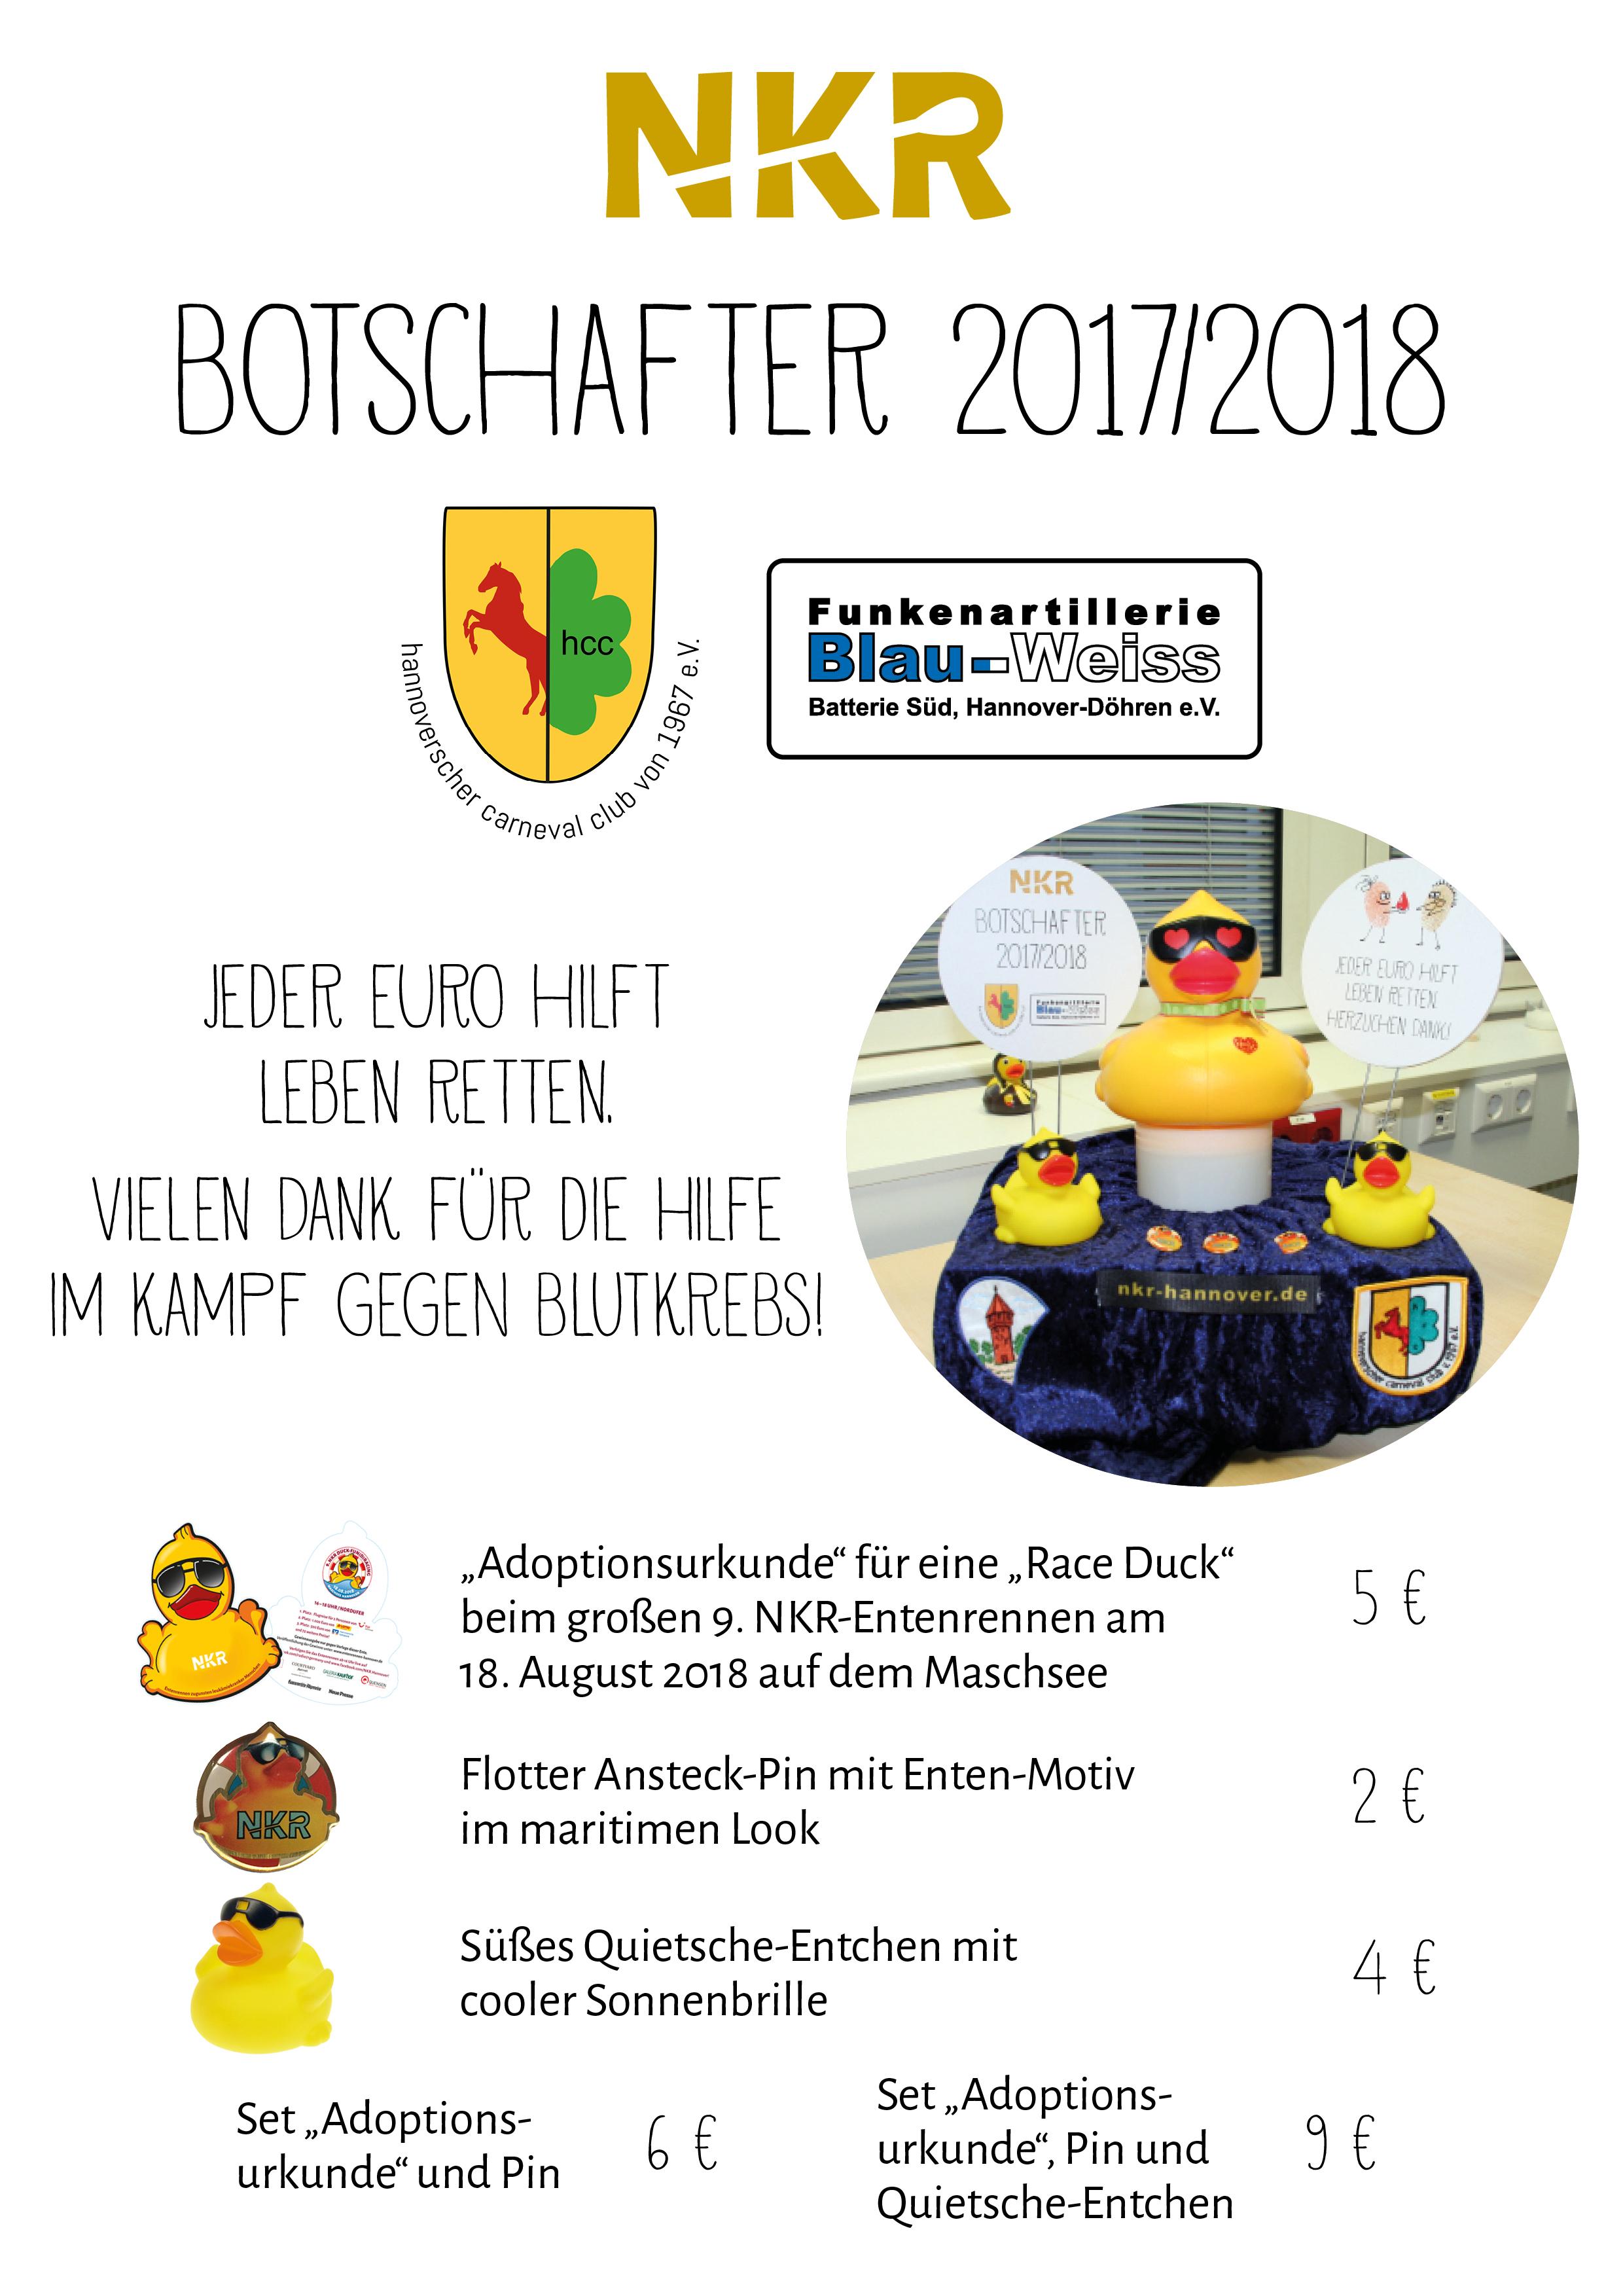 20171221_Botschafter-2017-2018_Spenden-Ente_Plakat